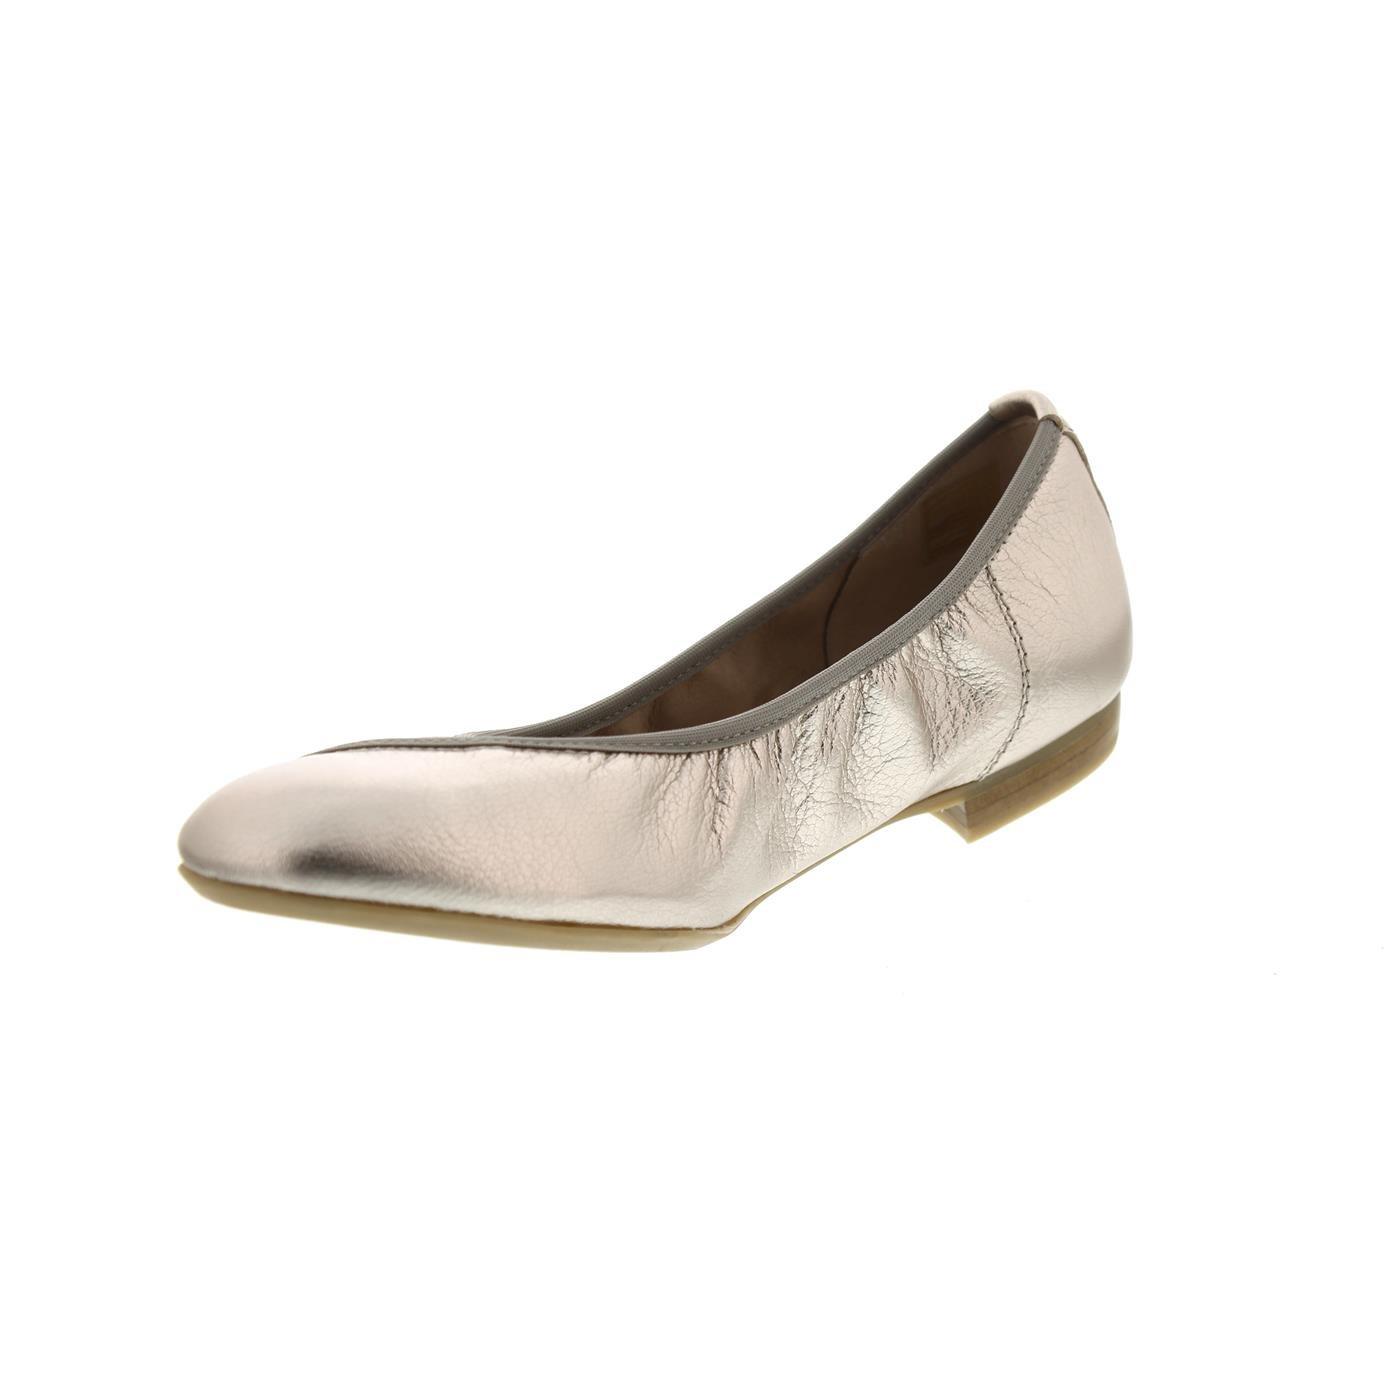 Damenschuhe Ginger Carolina Ballerina, Ginger Damenschuhe Rosé Jil (Metallicleder), 37.170.186-008 4908cd